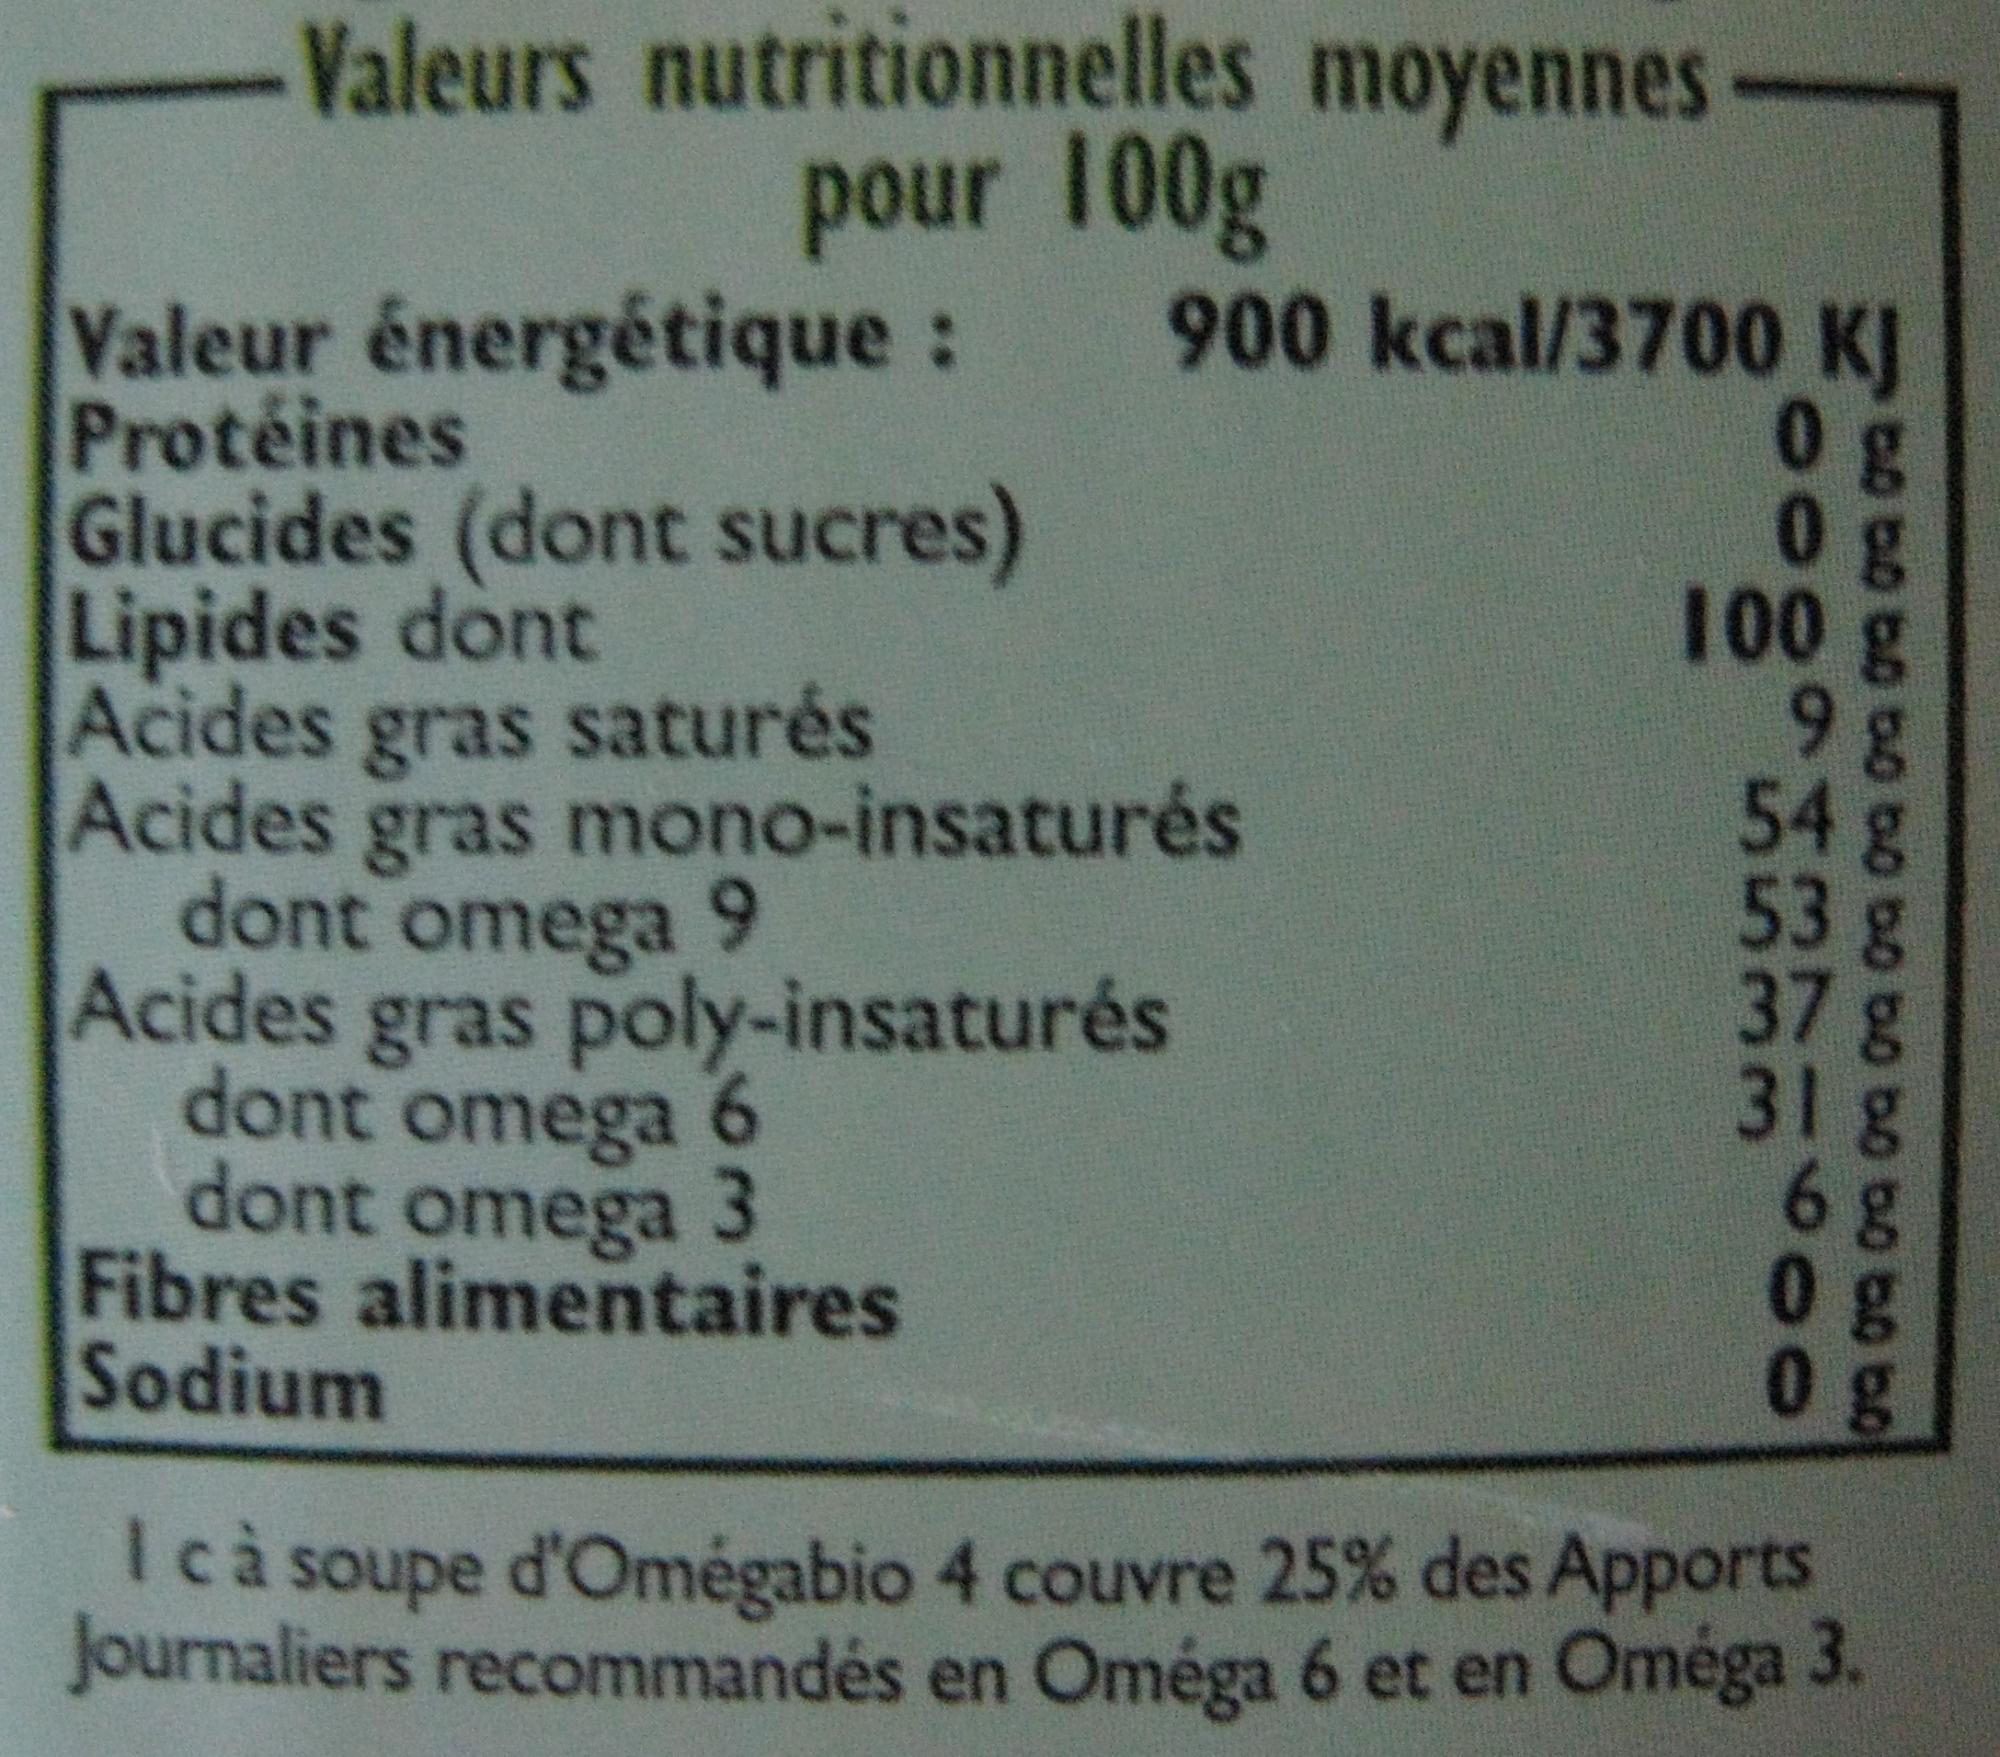 Association de 4 huiles vierges 100% Bio - Nutrition facts